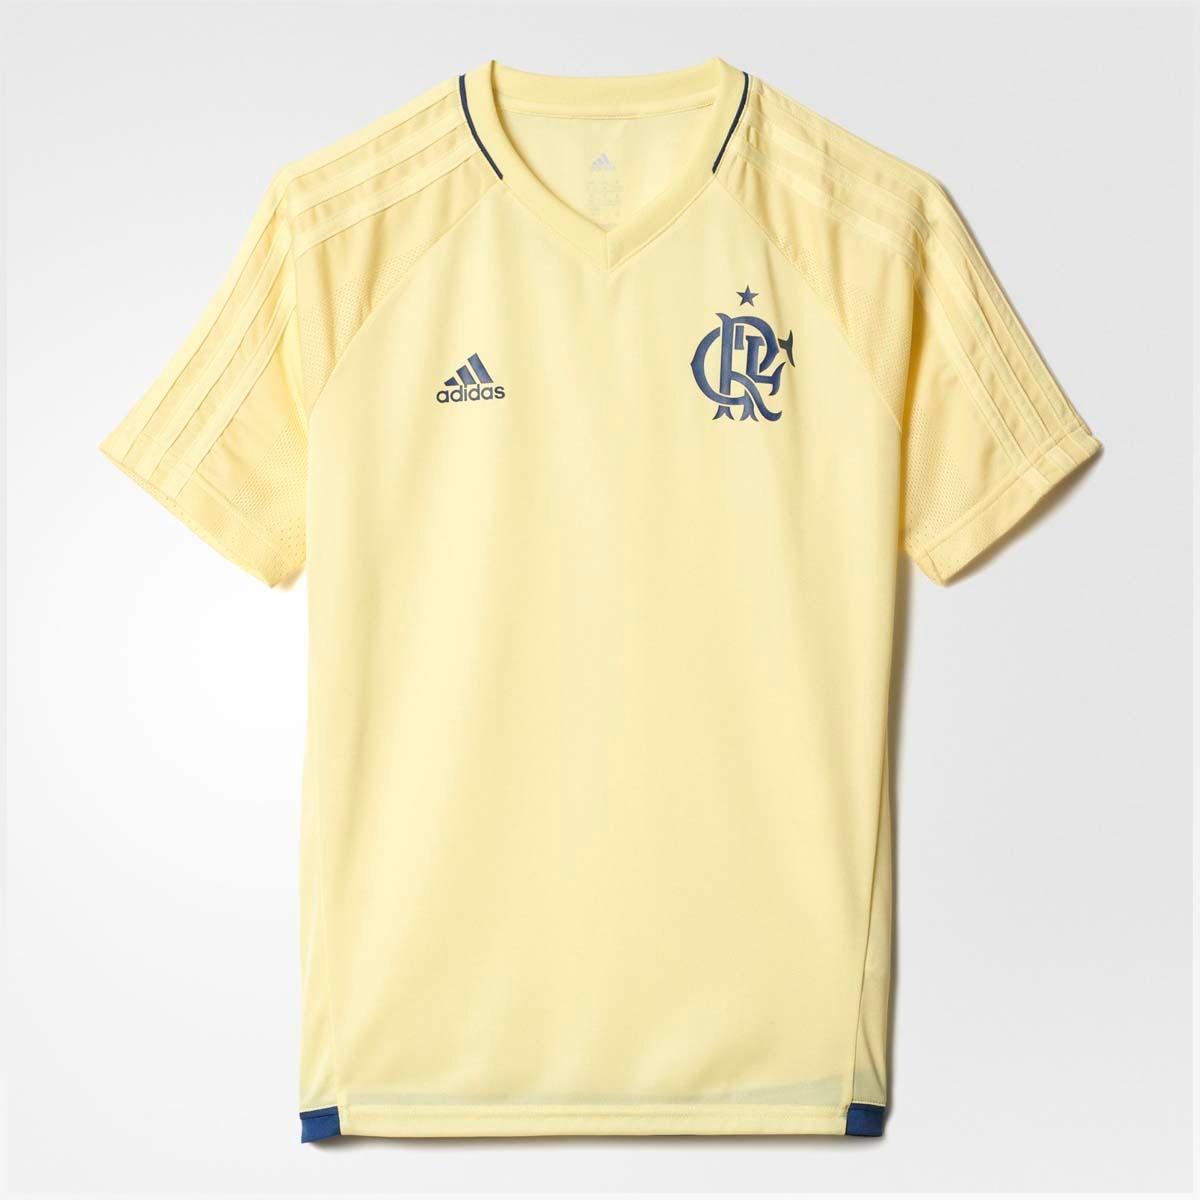 0d53addcb5da0 camisa infantil flamengo treino cr adidas amarelo. Carregando zoom.